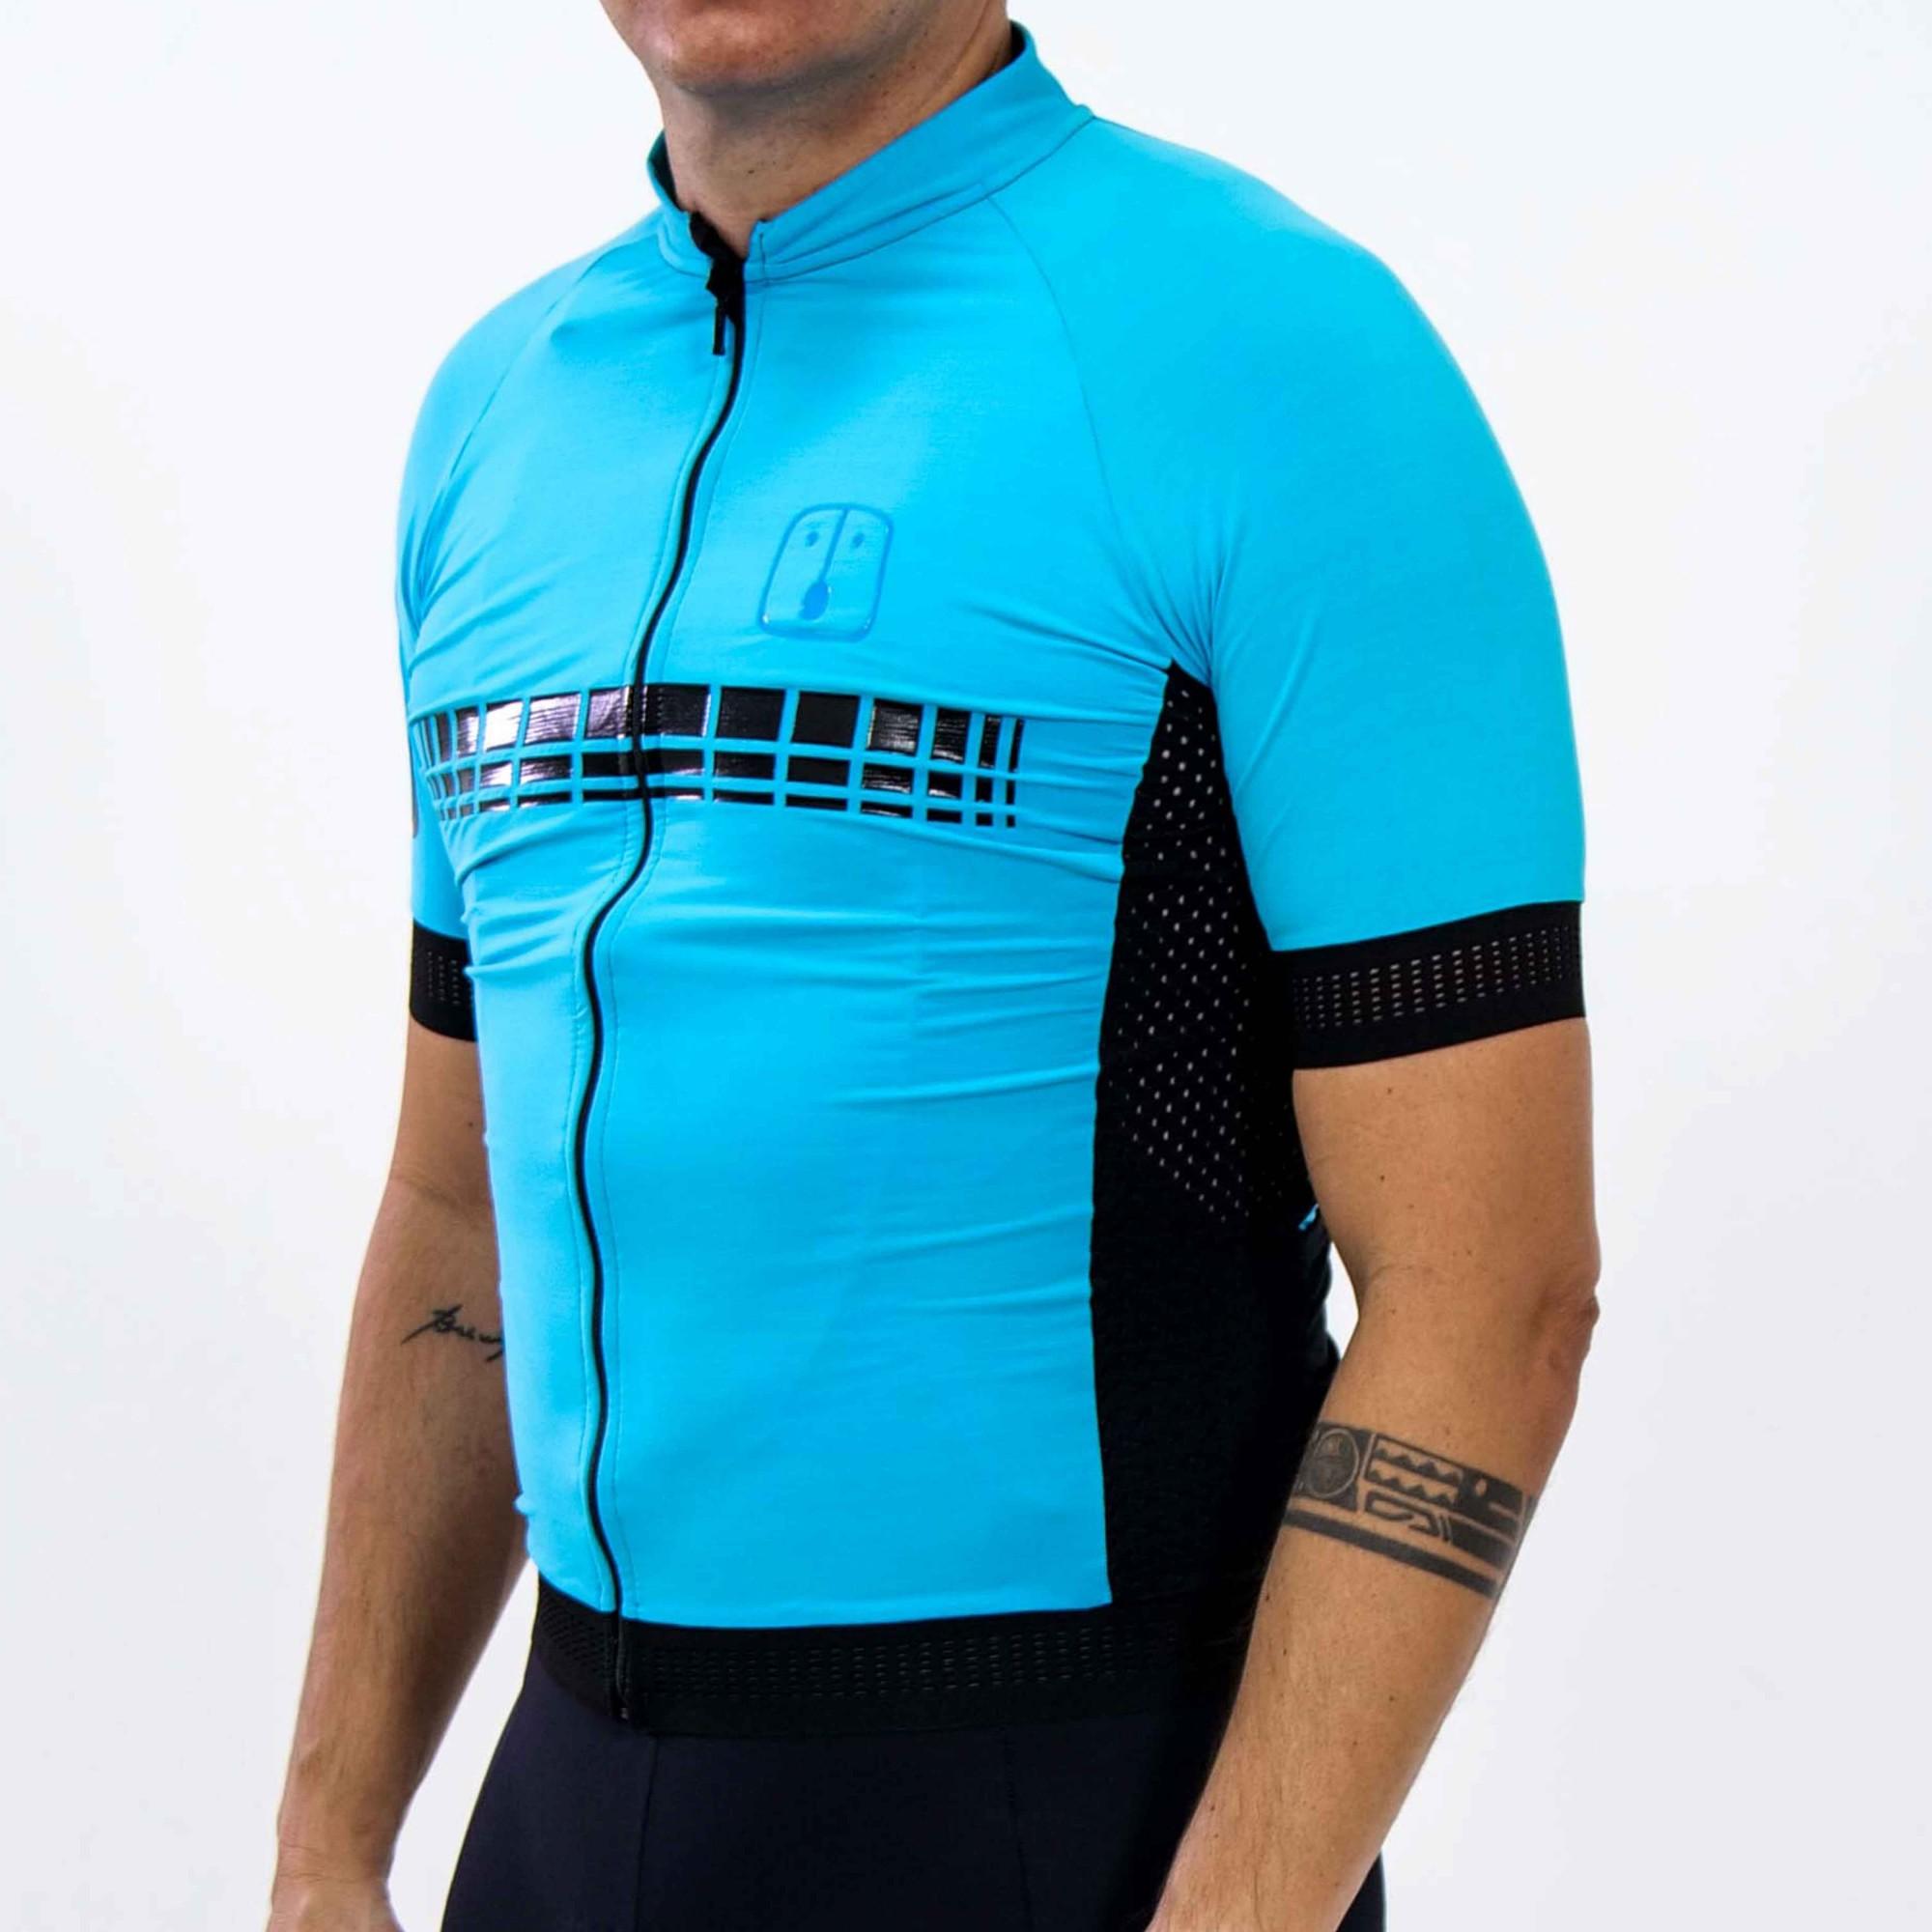 Camisa Ciclismo Racing Sky - Masculina